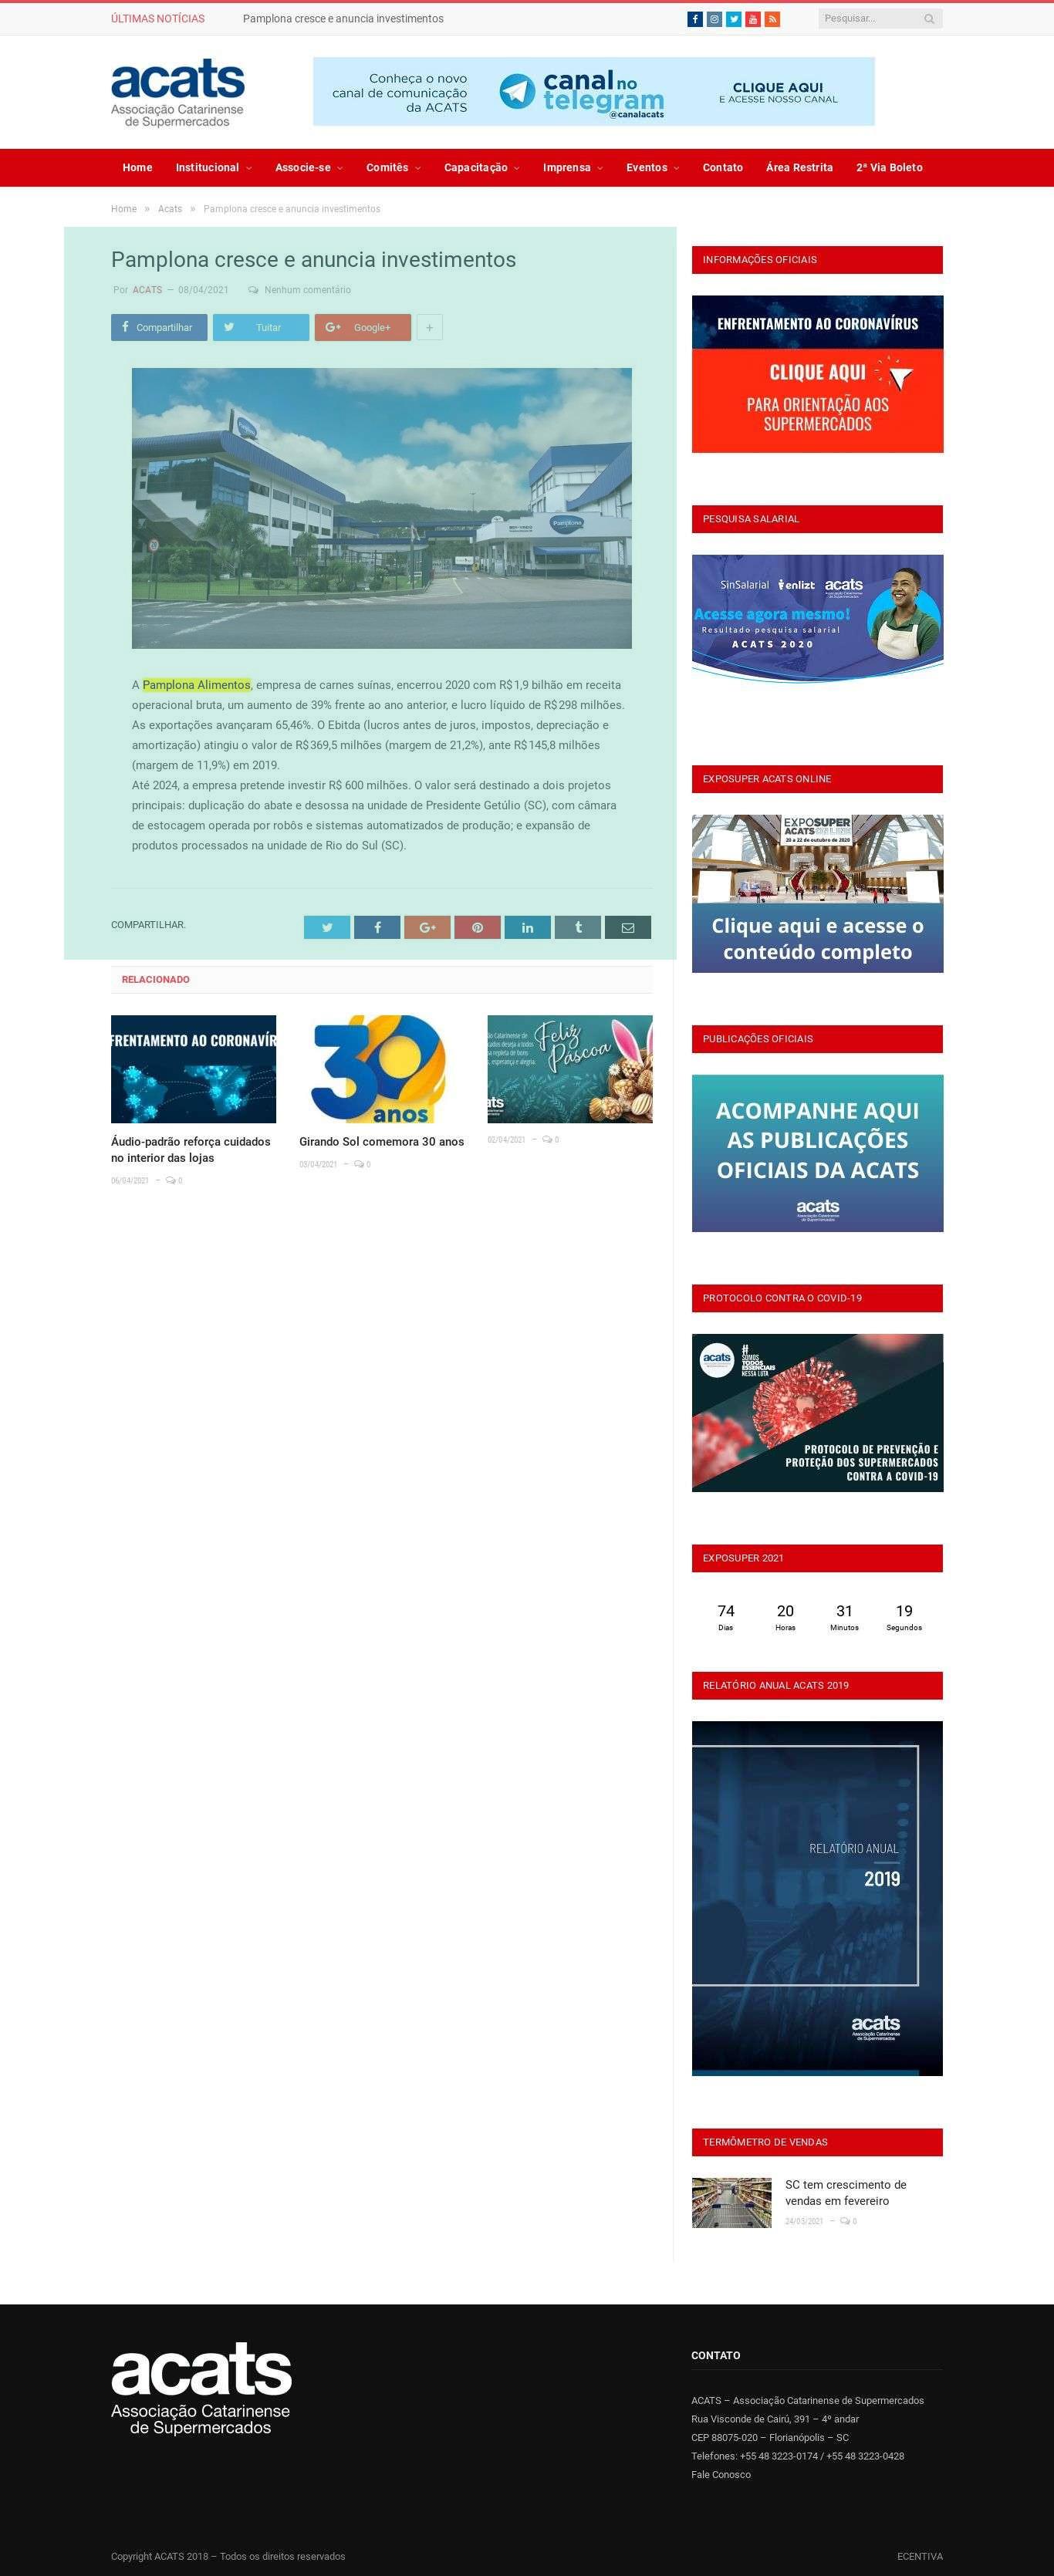 Pamplona cresce e anuncia investimentos - Acats